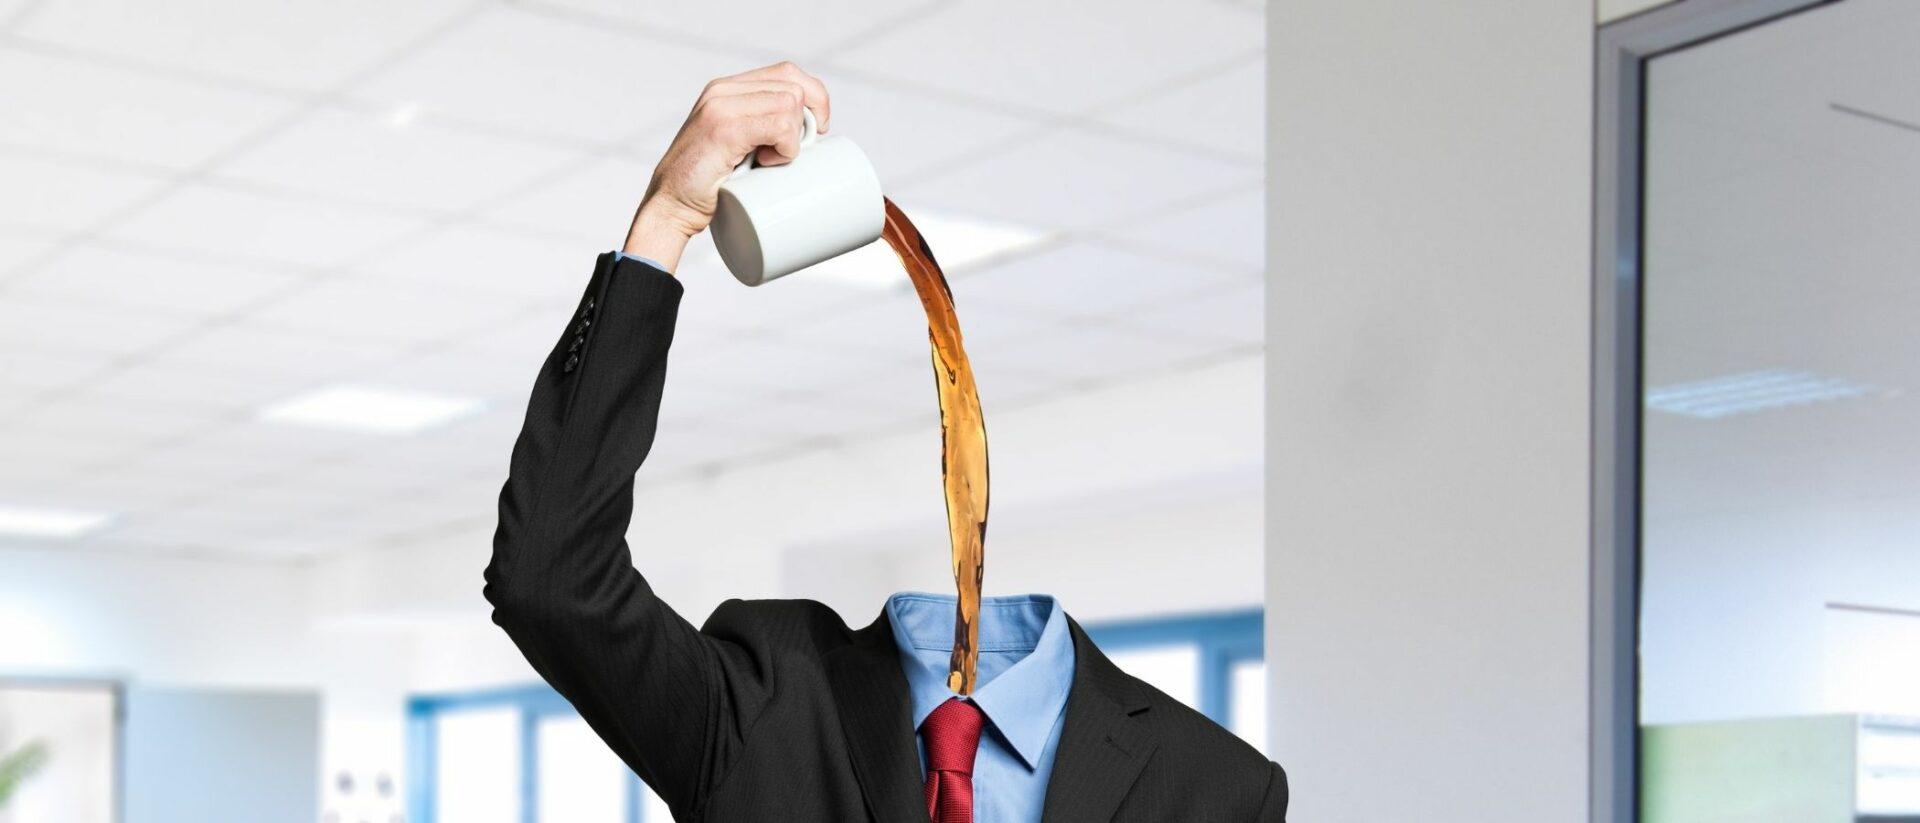 Macht Koffein dumm?